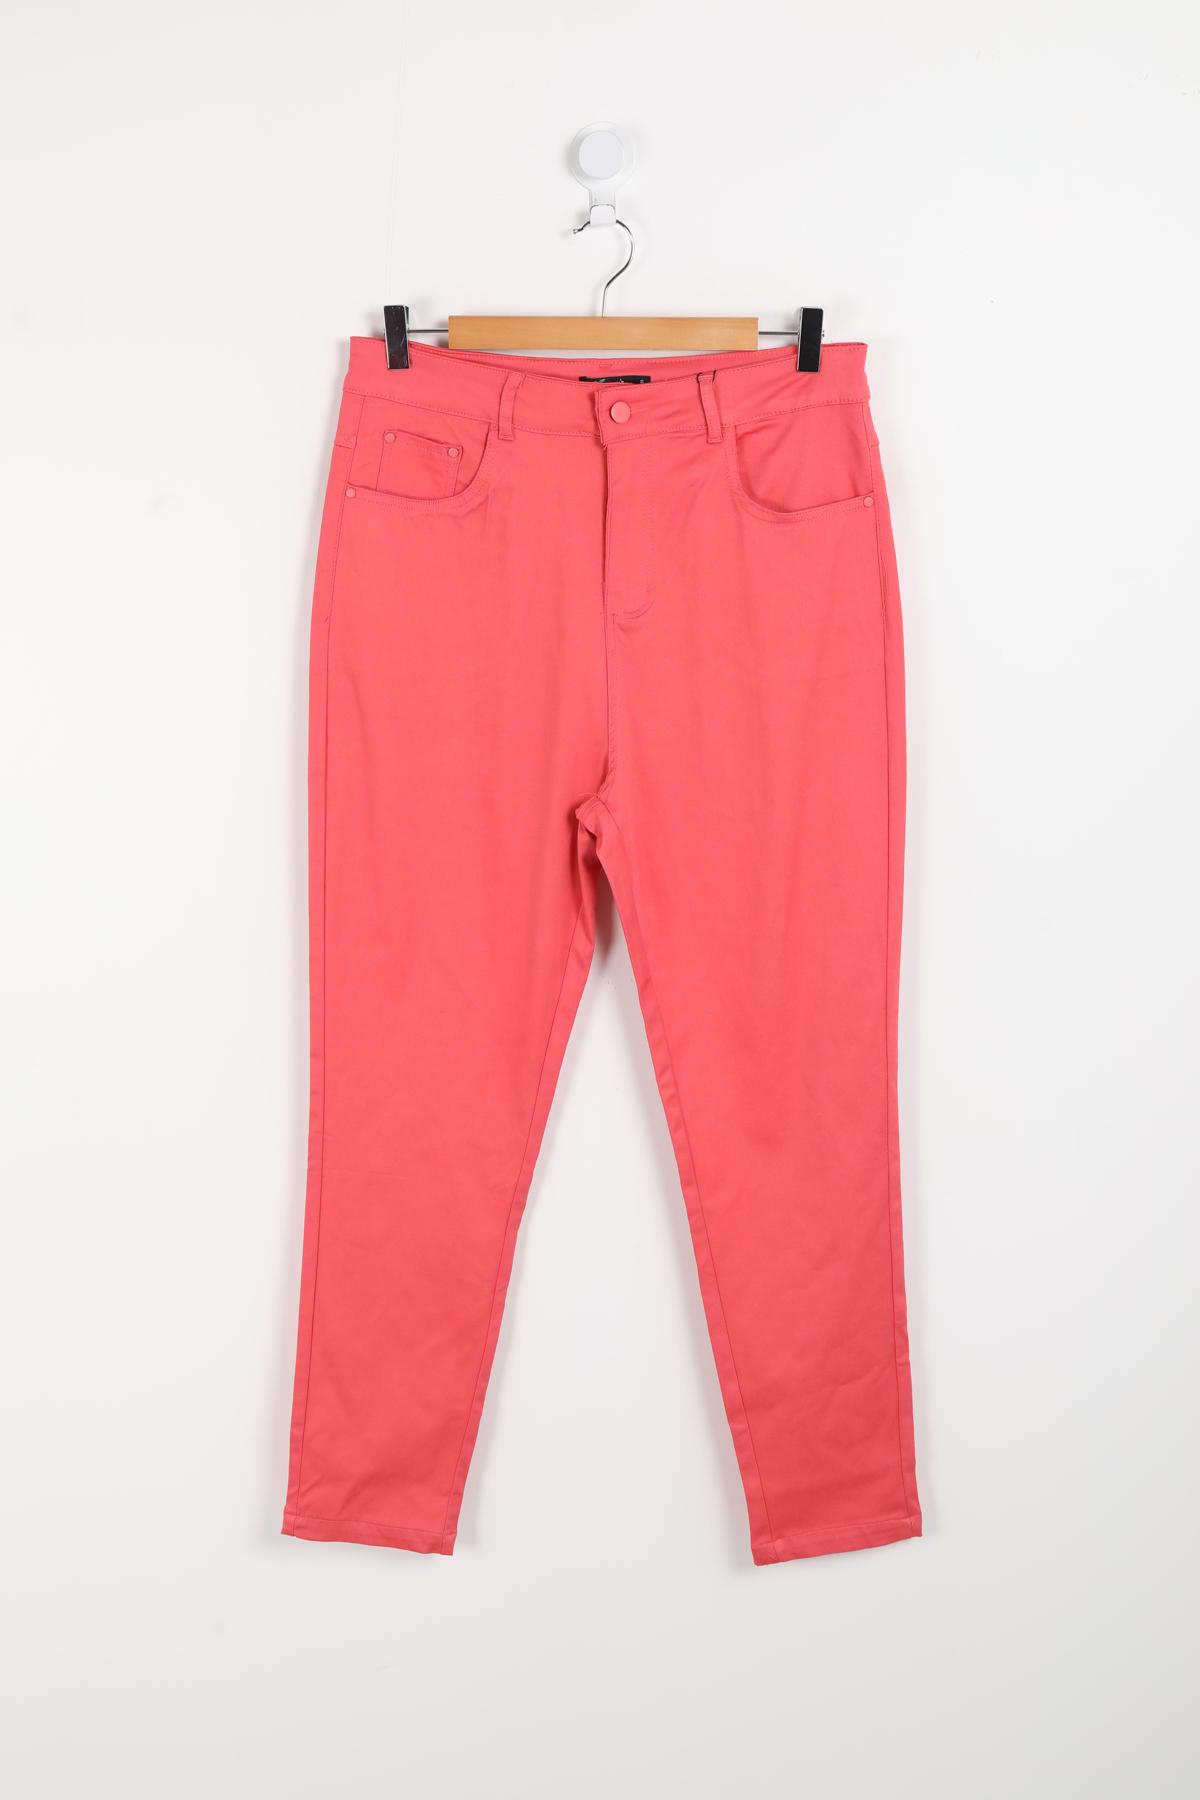 pantalon grande taille femme pomme rouge b302 corail 42-56